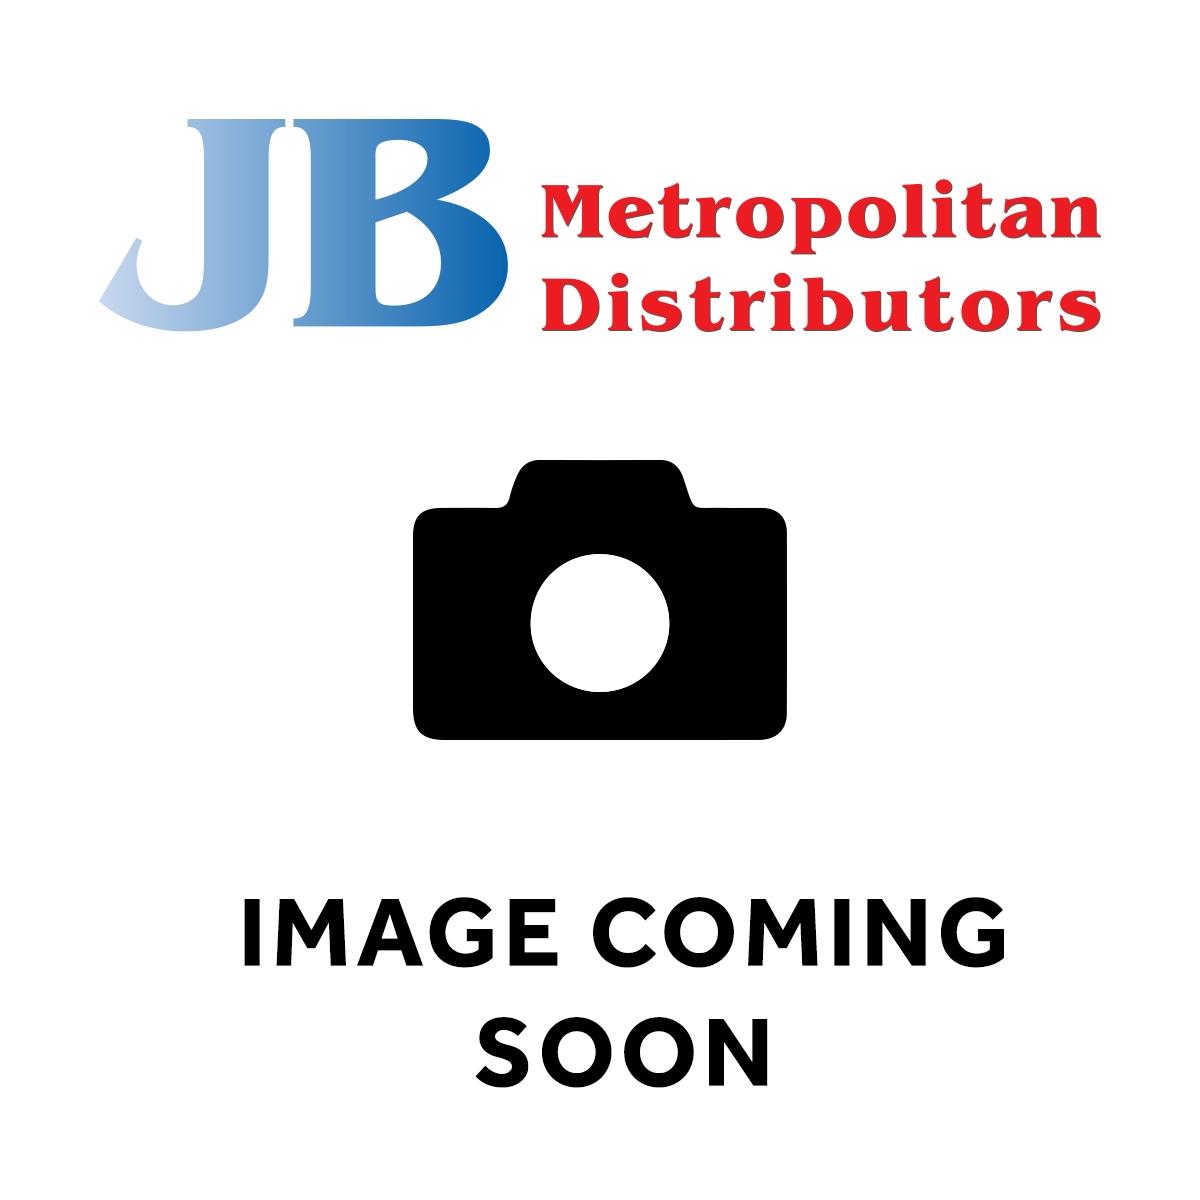 25G FISHERMANS FRIEND SUGARFREE SPEARMINT